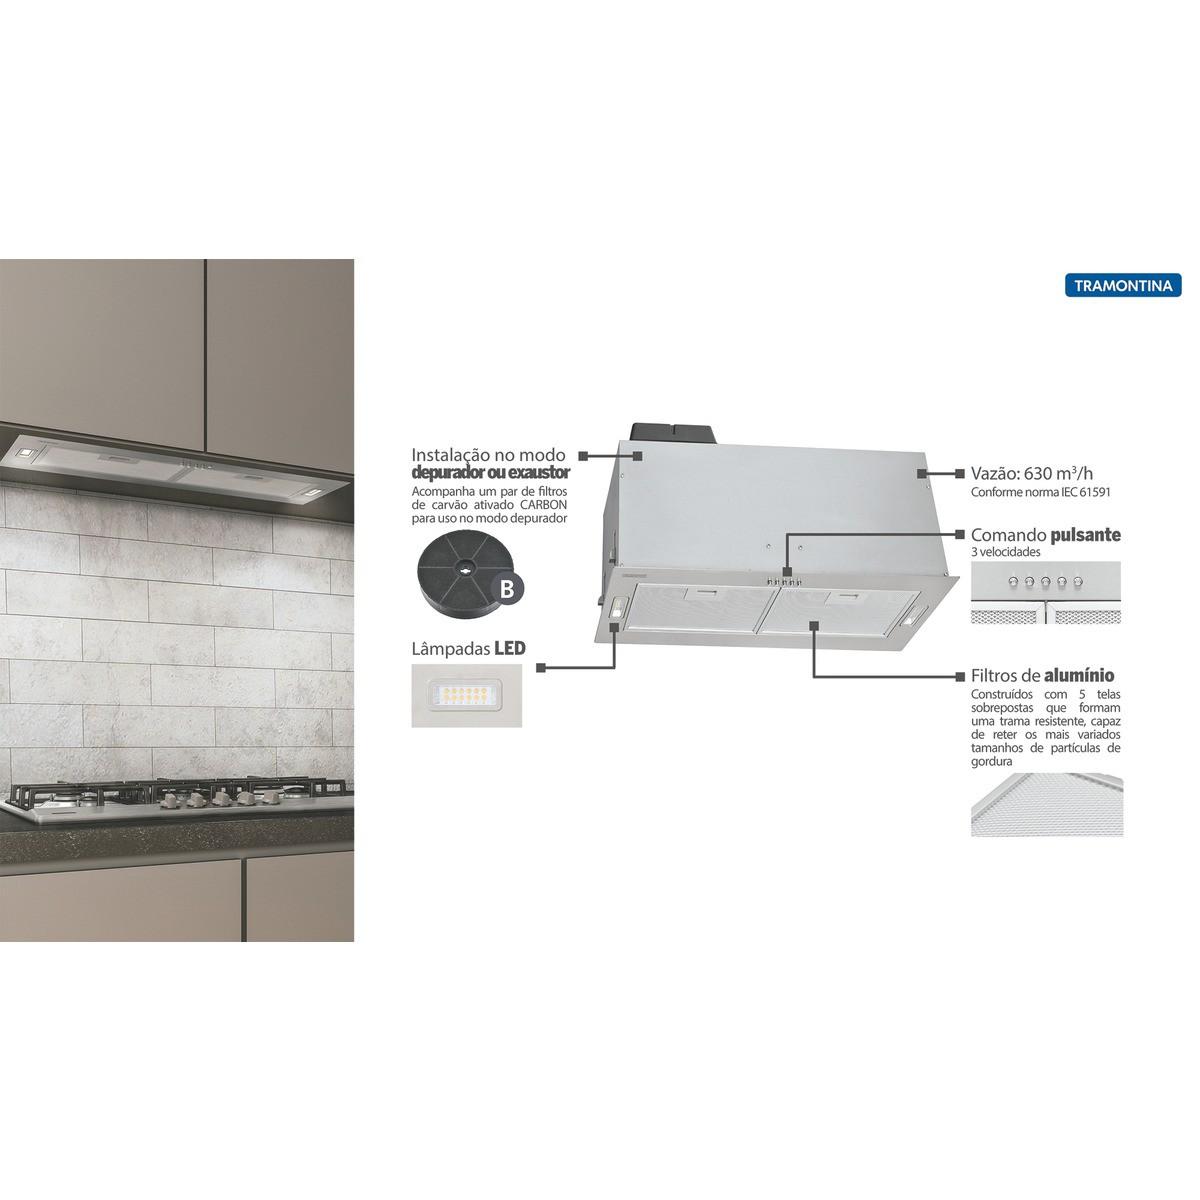 Coifa de Embutir Tramontina Incasso Retangular em Aço Inox 75 cm 127 V  Tramontina 95800015